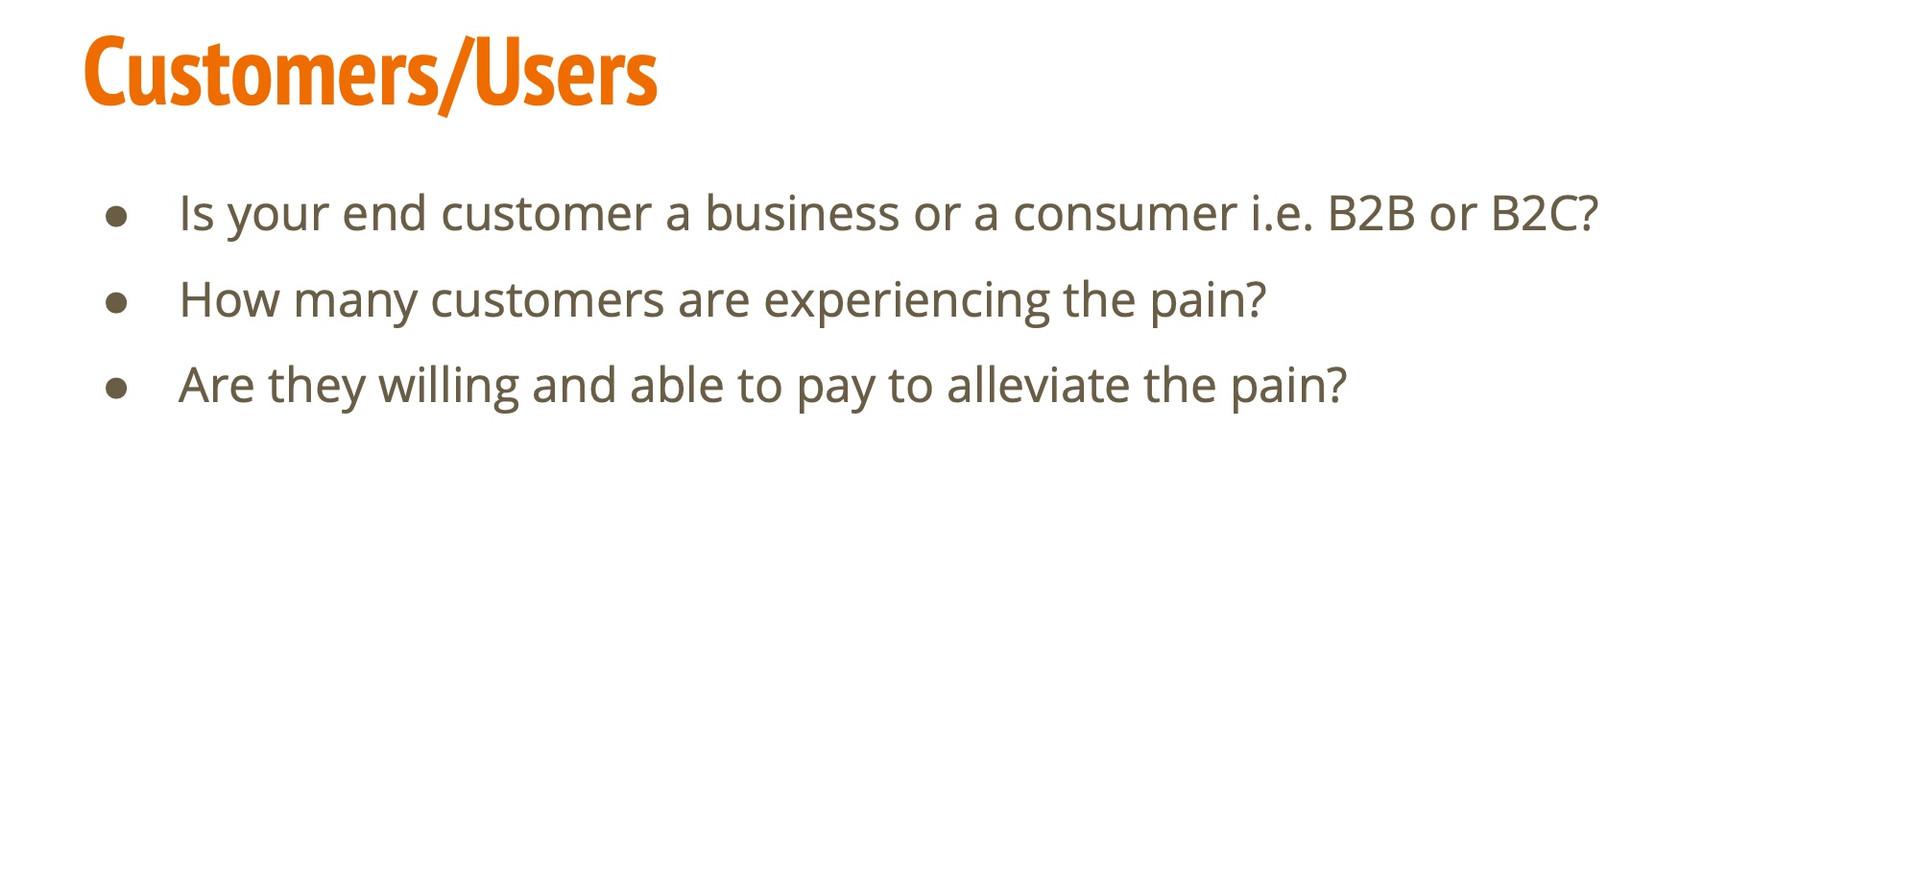 Customers/Users